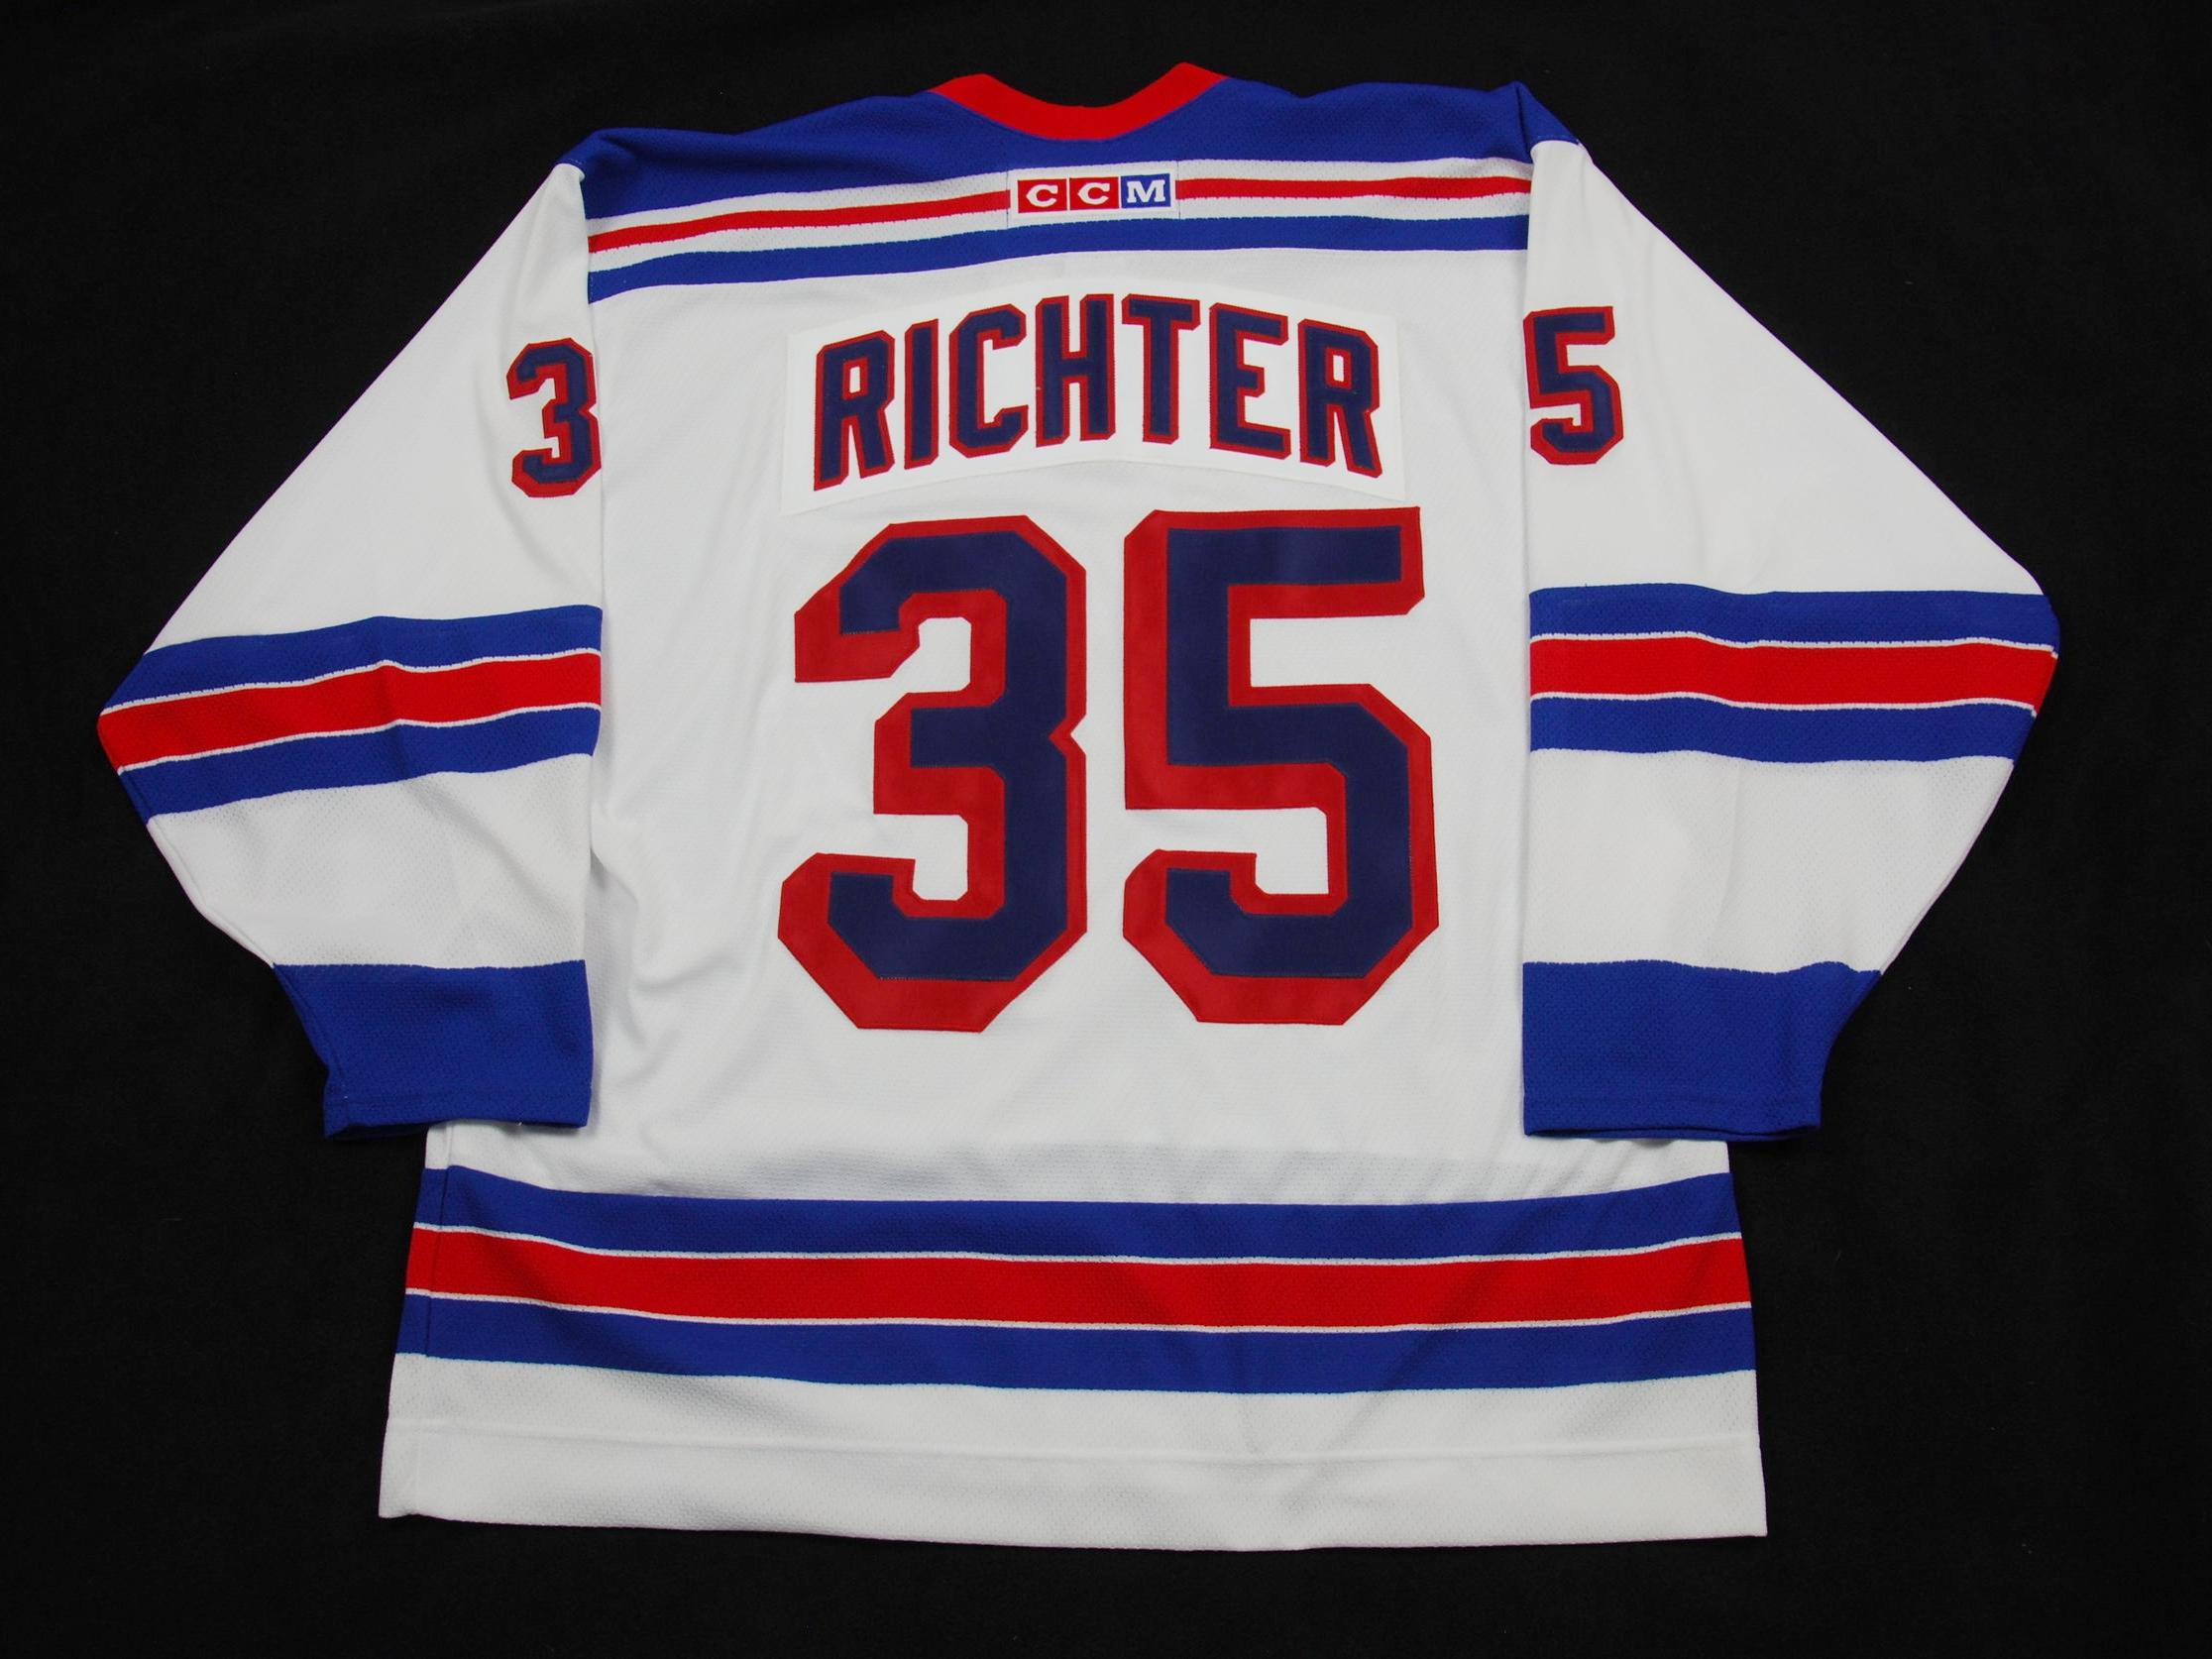 NY Rangers - RICHTER 35